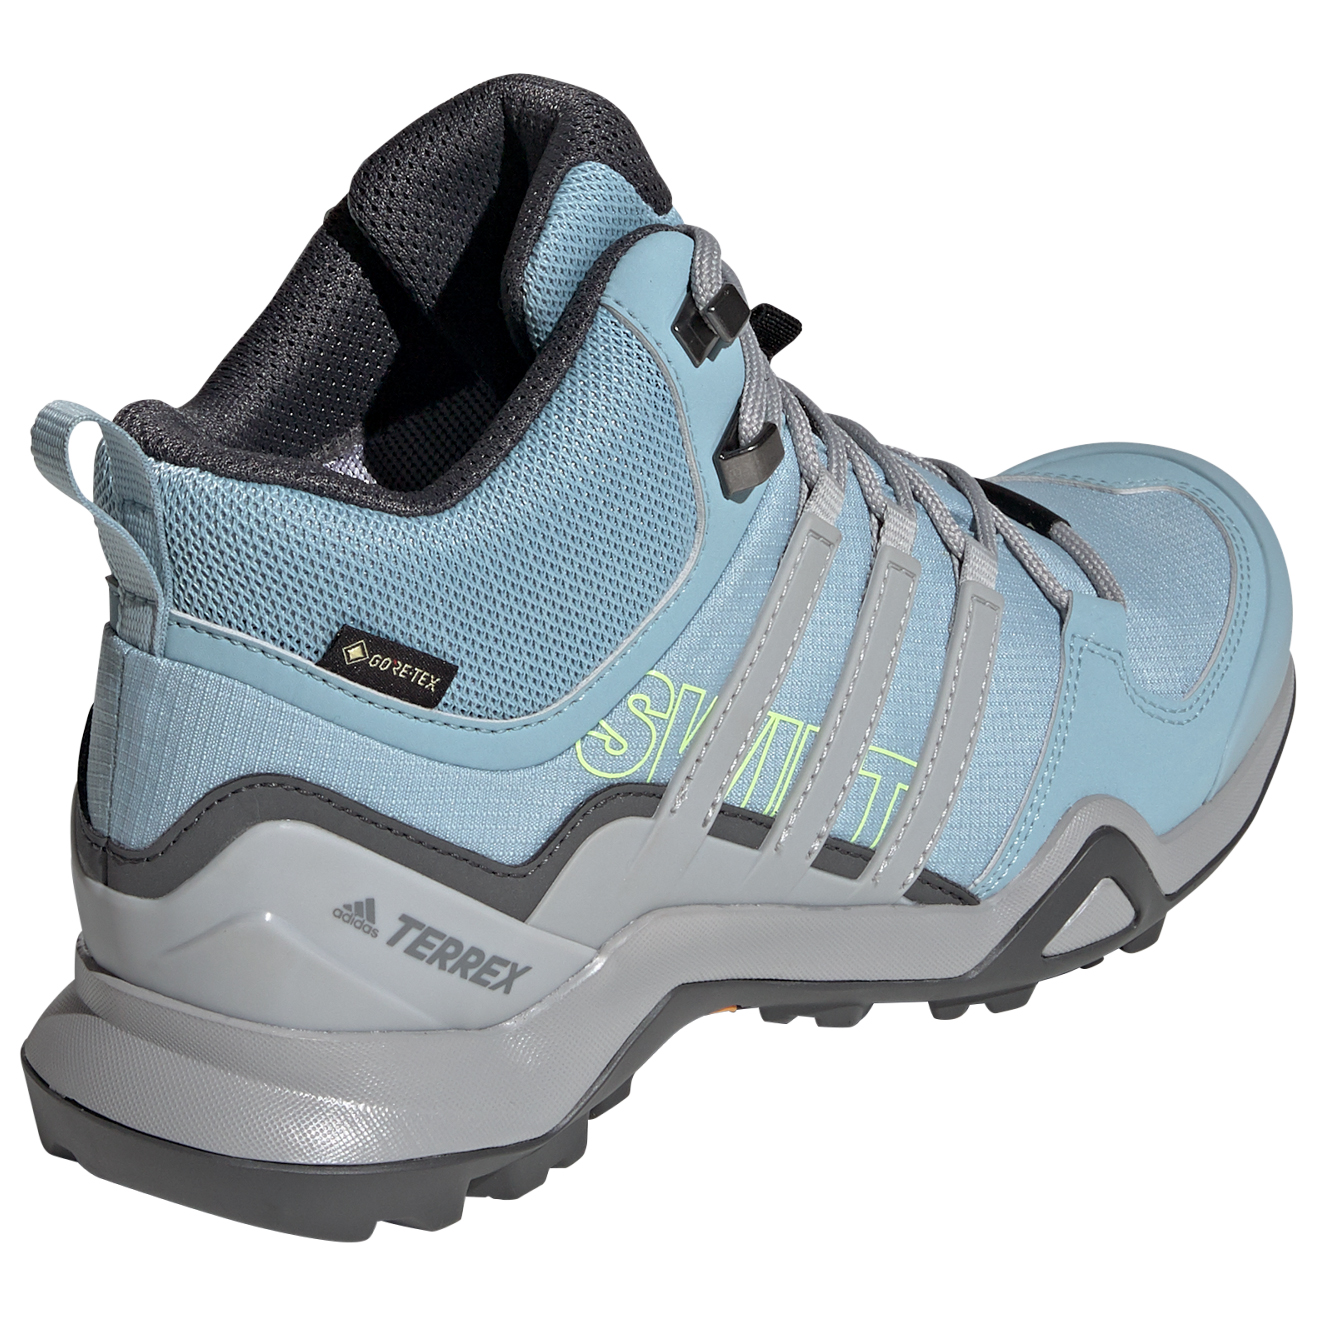 ... adidas - Women s Terrex Swift R2 Mid GTX - Wandelschoenen ... 5d6f8a4605